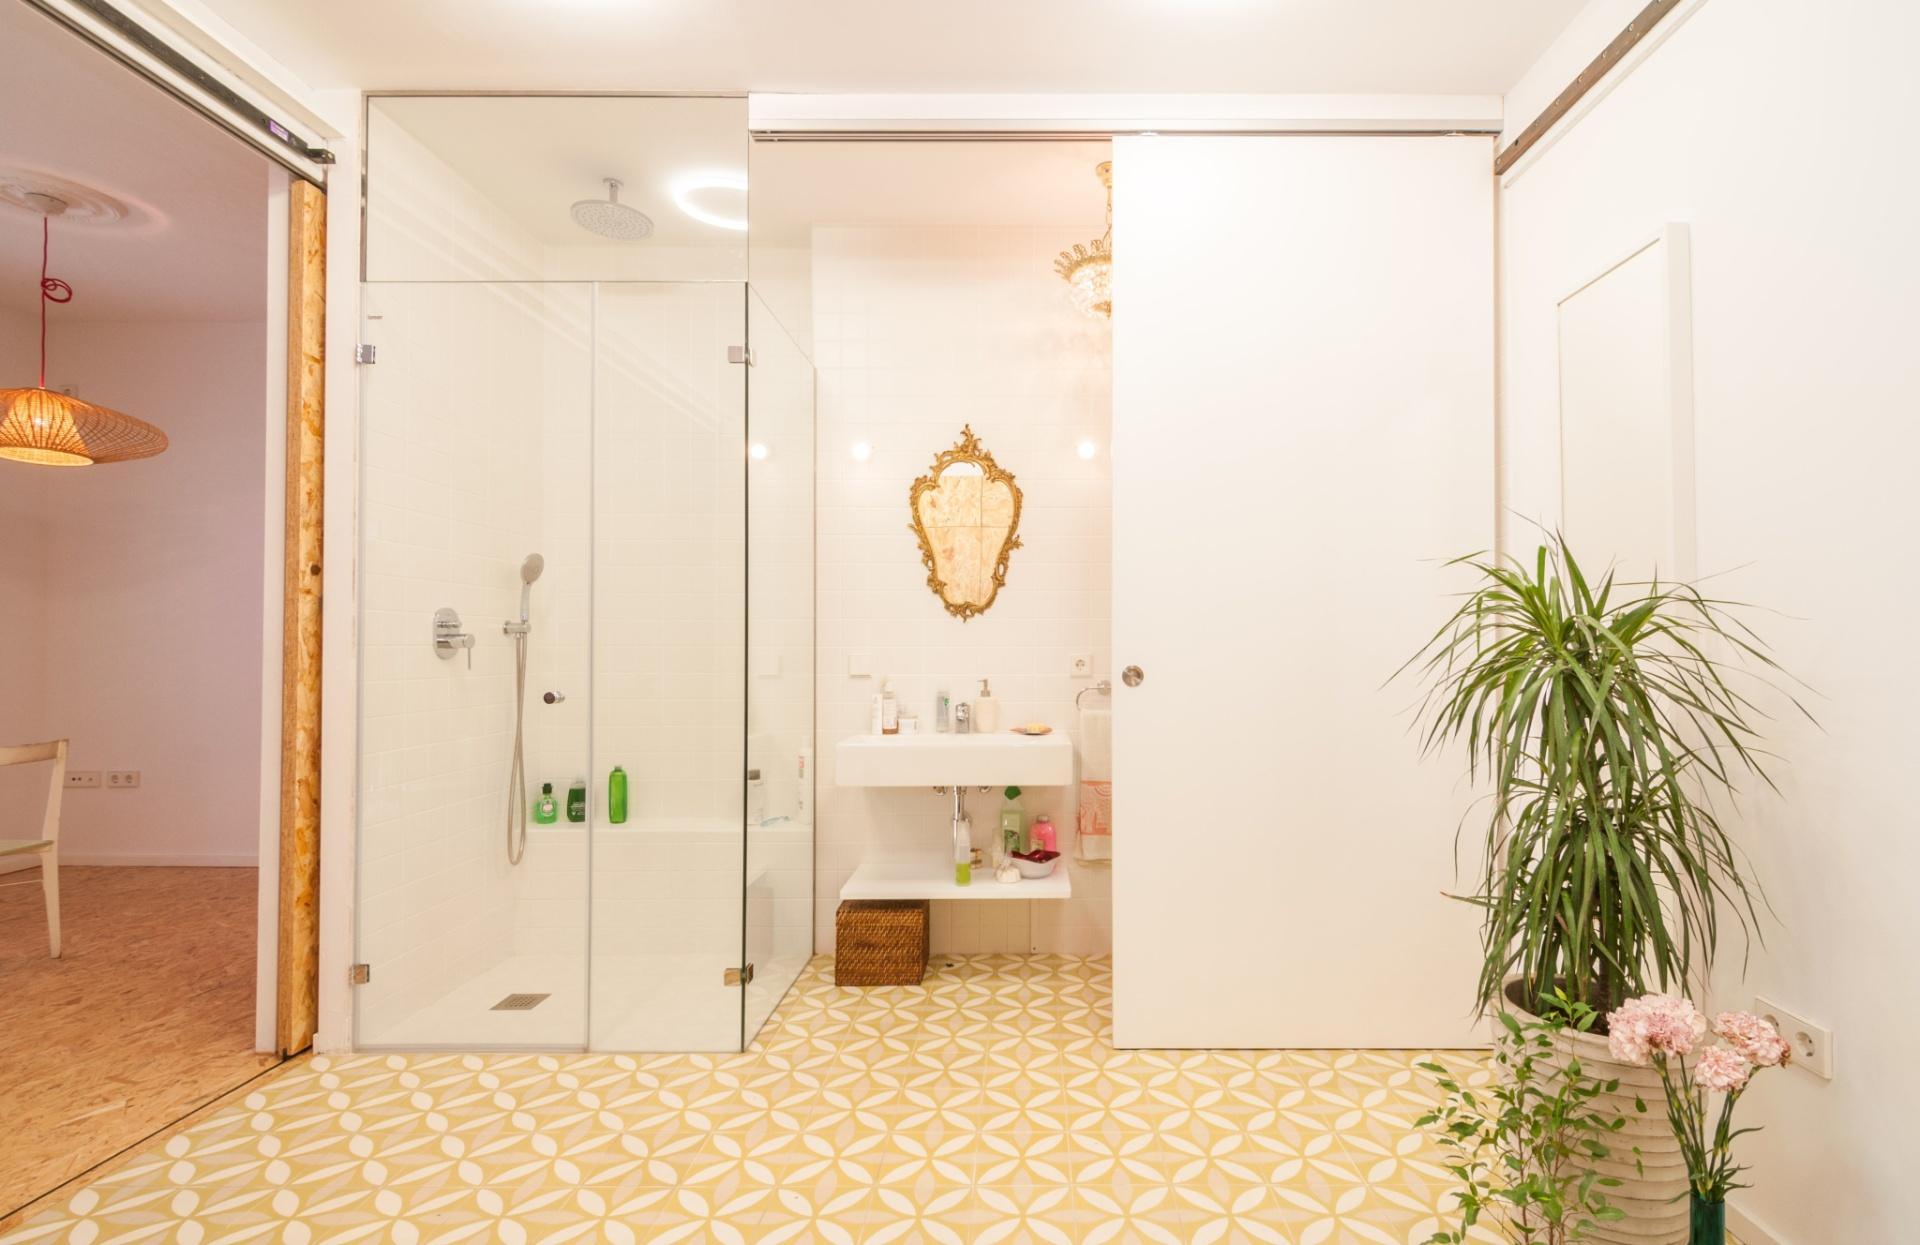 Banheiro é Um Dos Cômodos Que Mais Precisa Ser Cuidado Dentro De  #505A15 1920x1245 Balança De Banheiro Mais Precisa